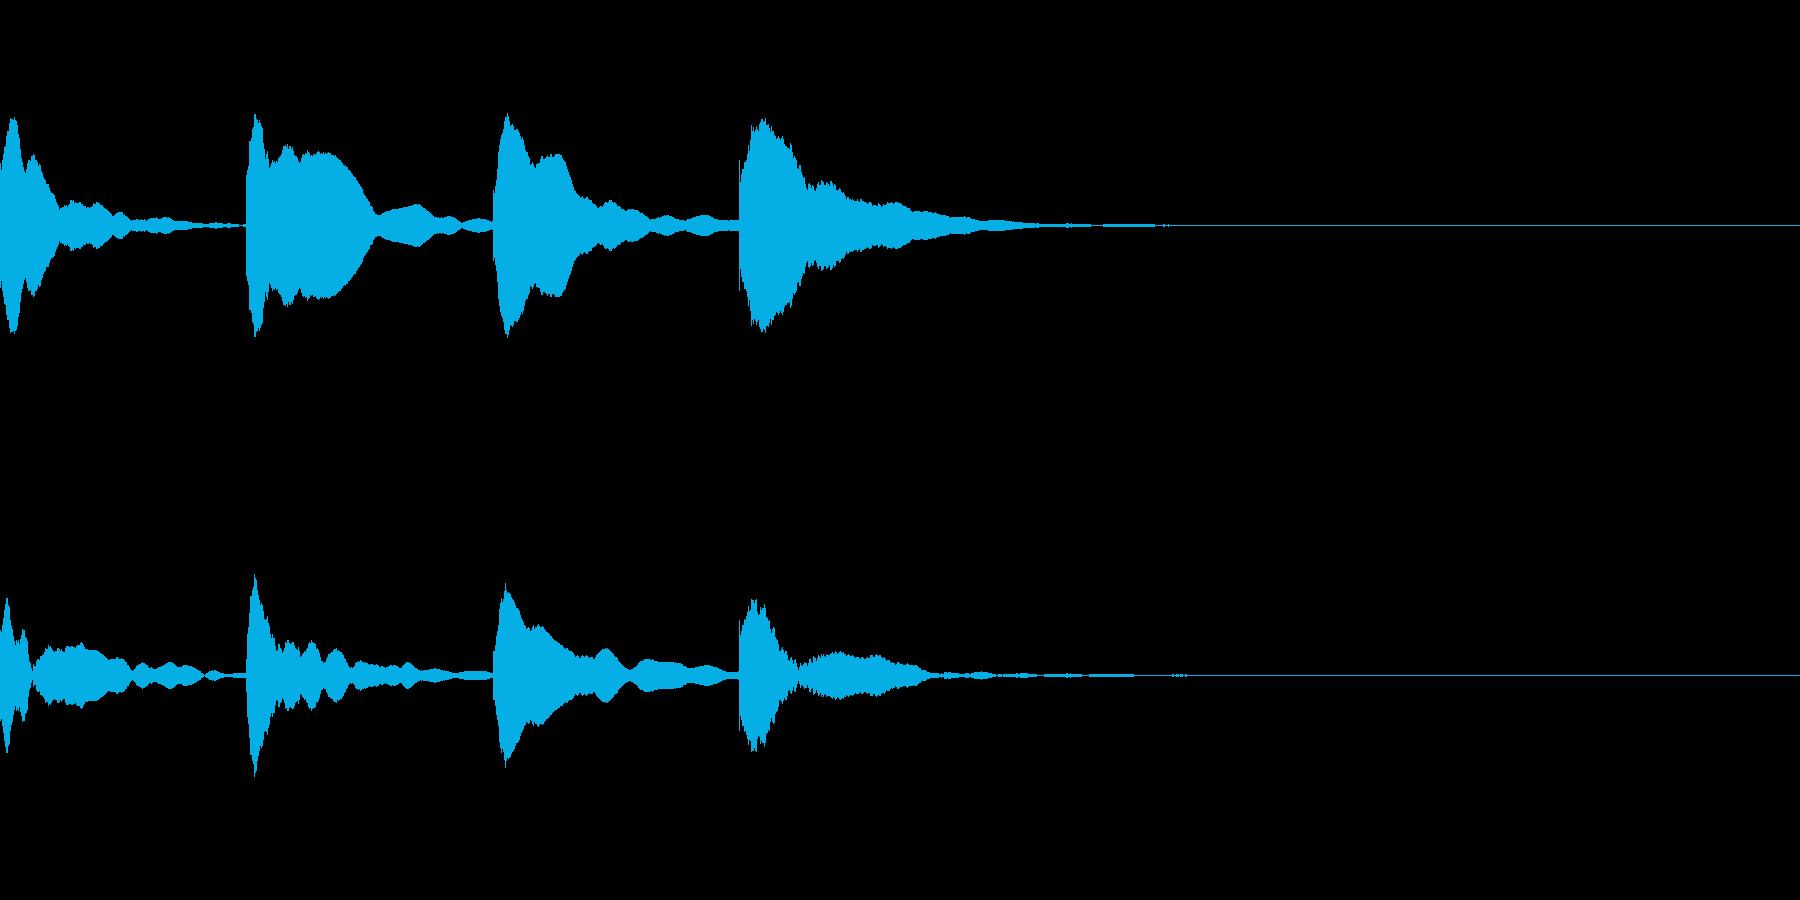 お知らせ・アナウンス音D下降(遅め)03の再生済みの波形